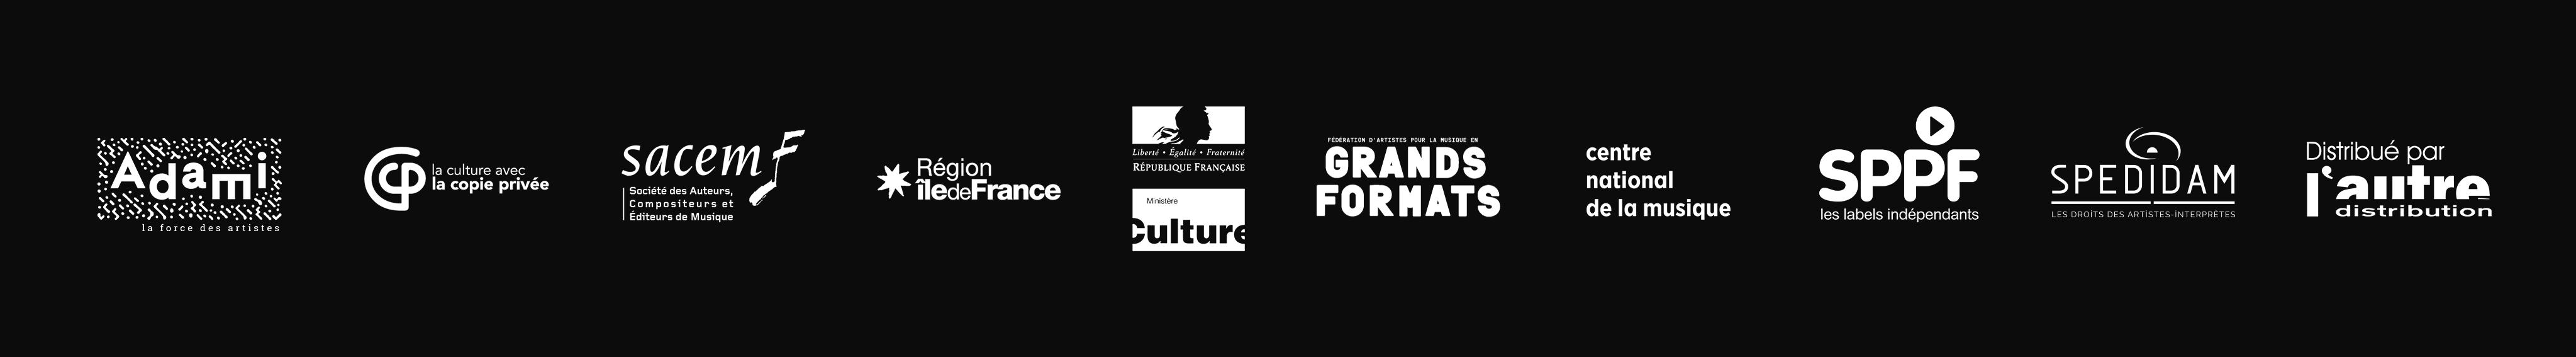 logos-partenaires-banniere-le-sacre-2021